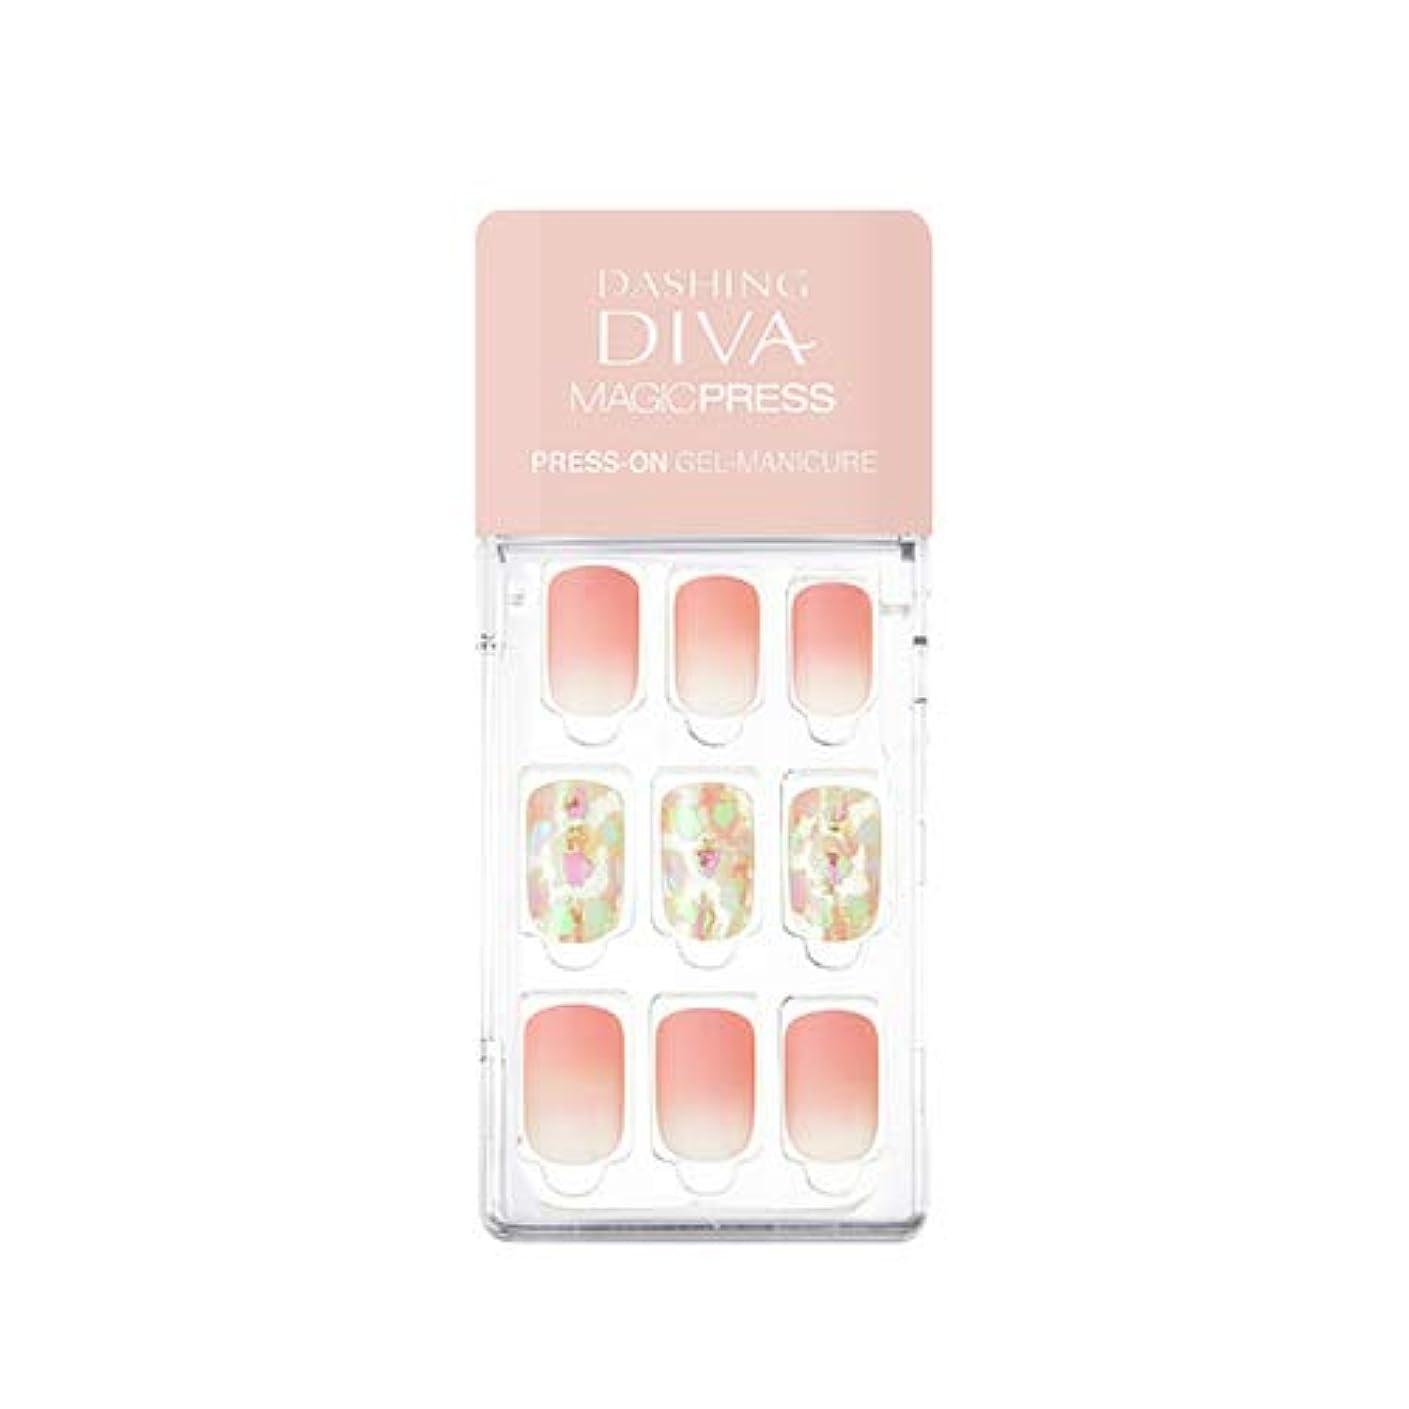 パスポート軍団チャーミングミシャ ダッシングディバ マジックプレス スリム フィット MISSHA Dashing Diva Magic Press Slim Fit # MDR_282 ROSY GLOW [並行輸入品]